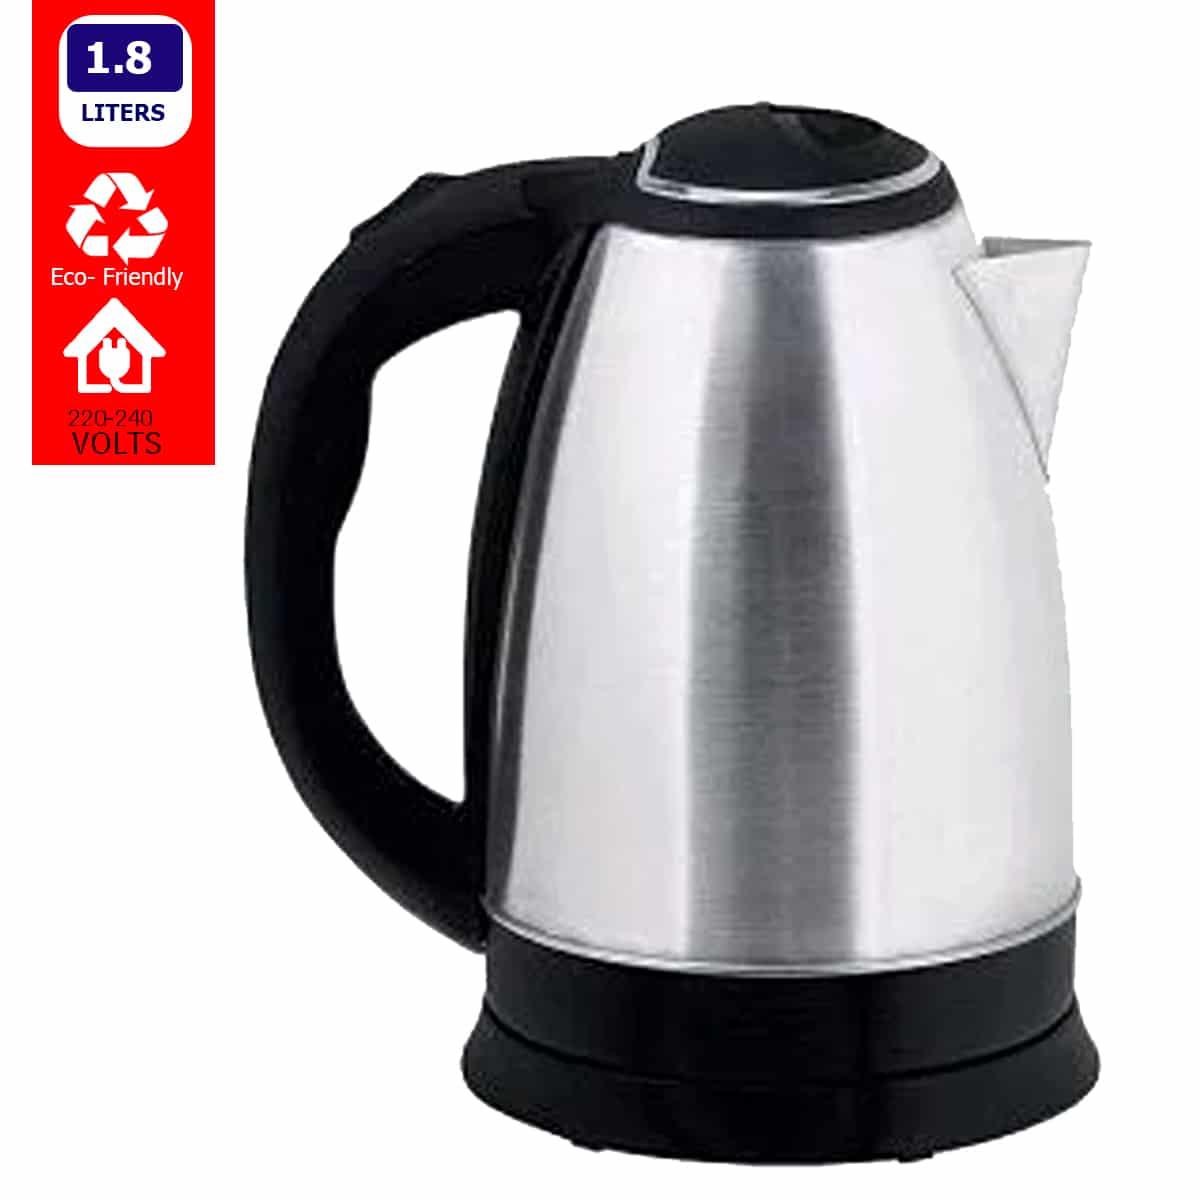 eskay kettle 1